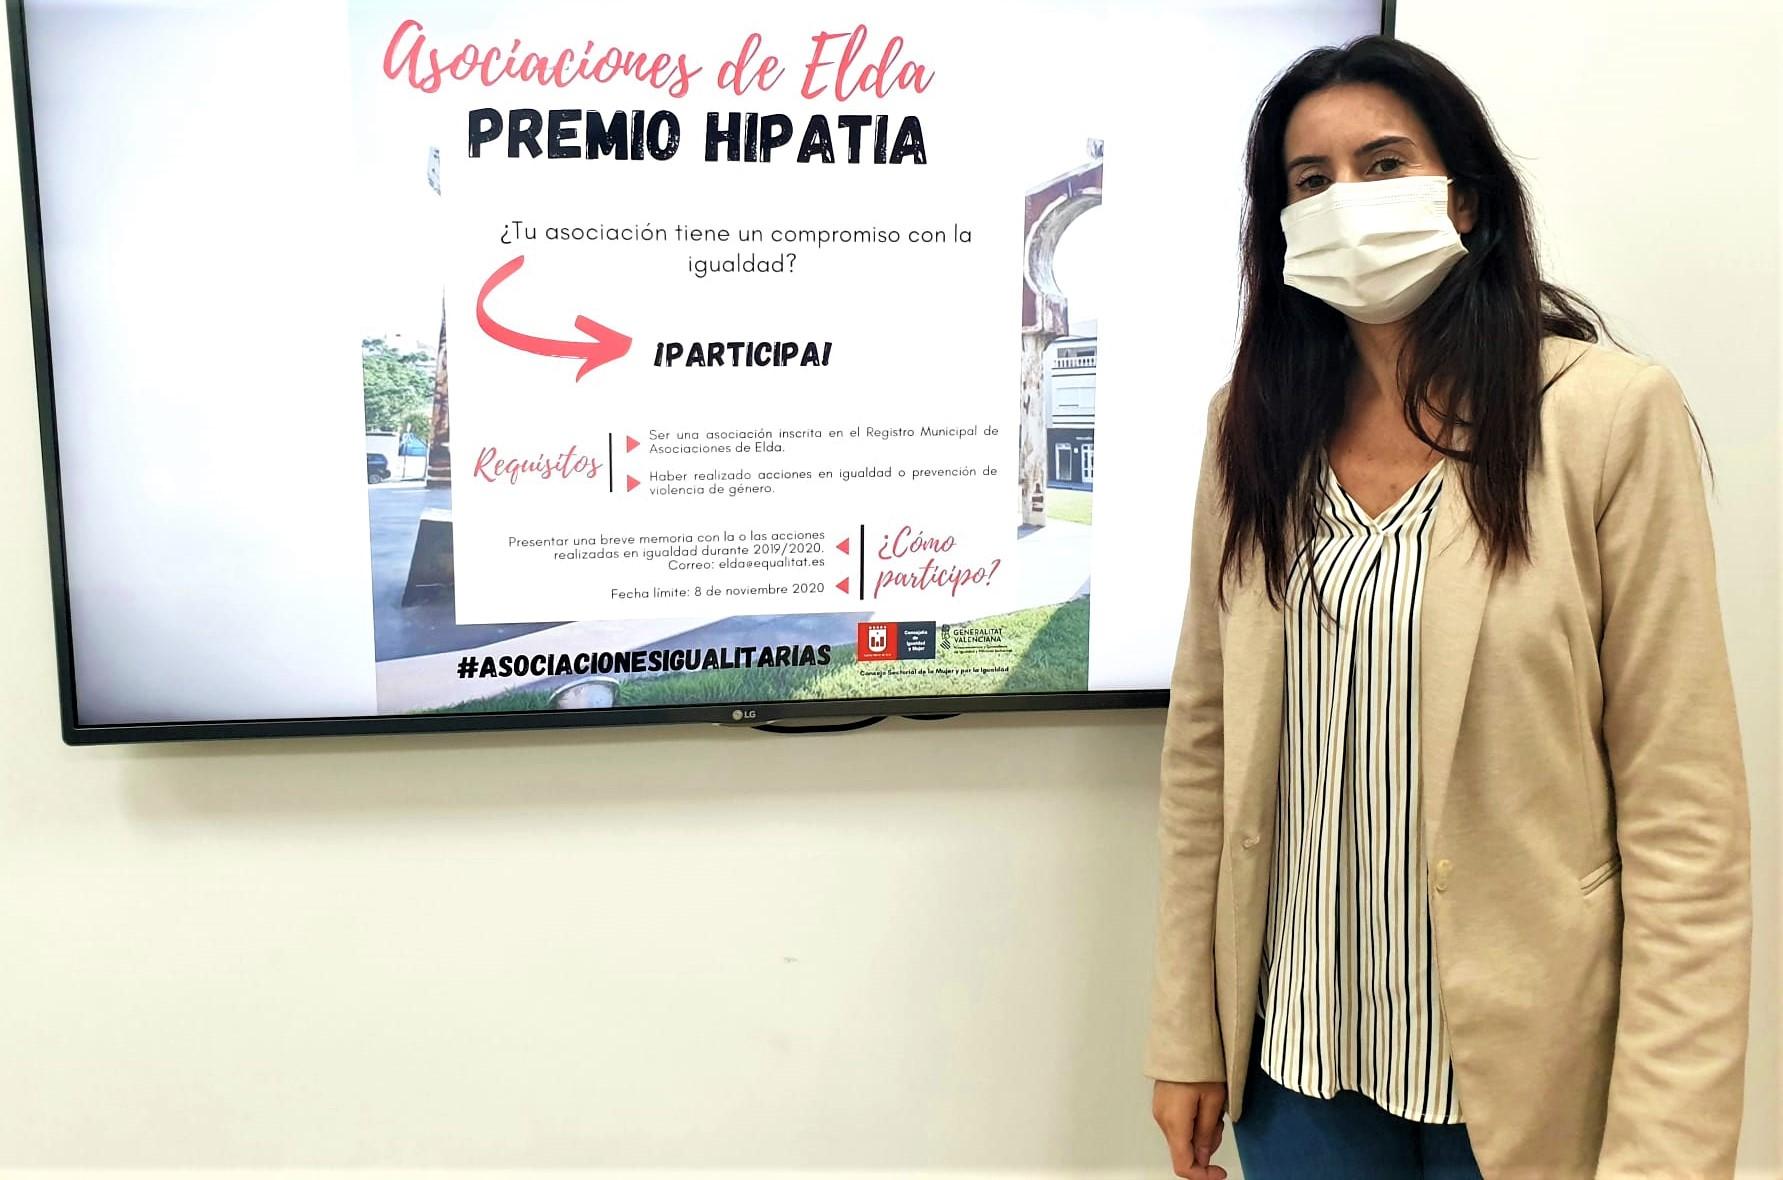 El Ayuntamiento pone en marcha el Premio Hipatia para reconocer a las asociaciones de Elda que promueven la igualdad y la prevención de la violencia machista